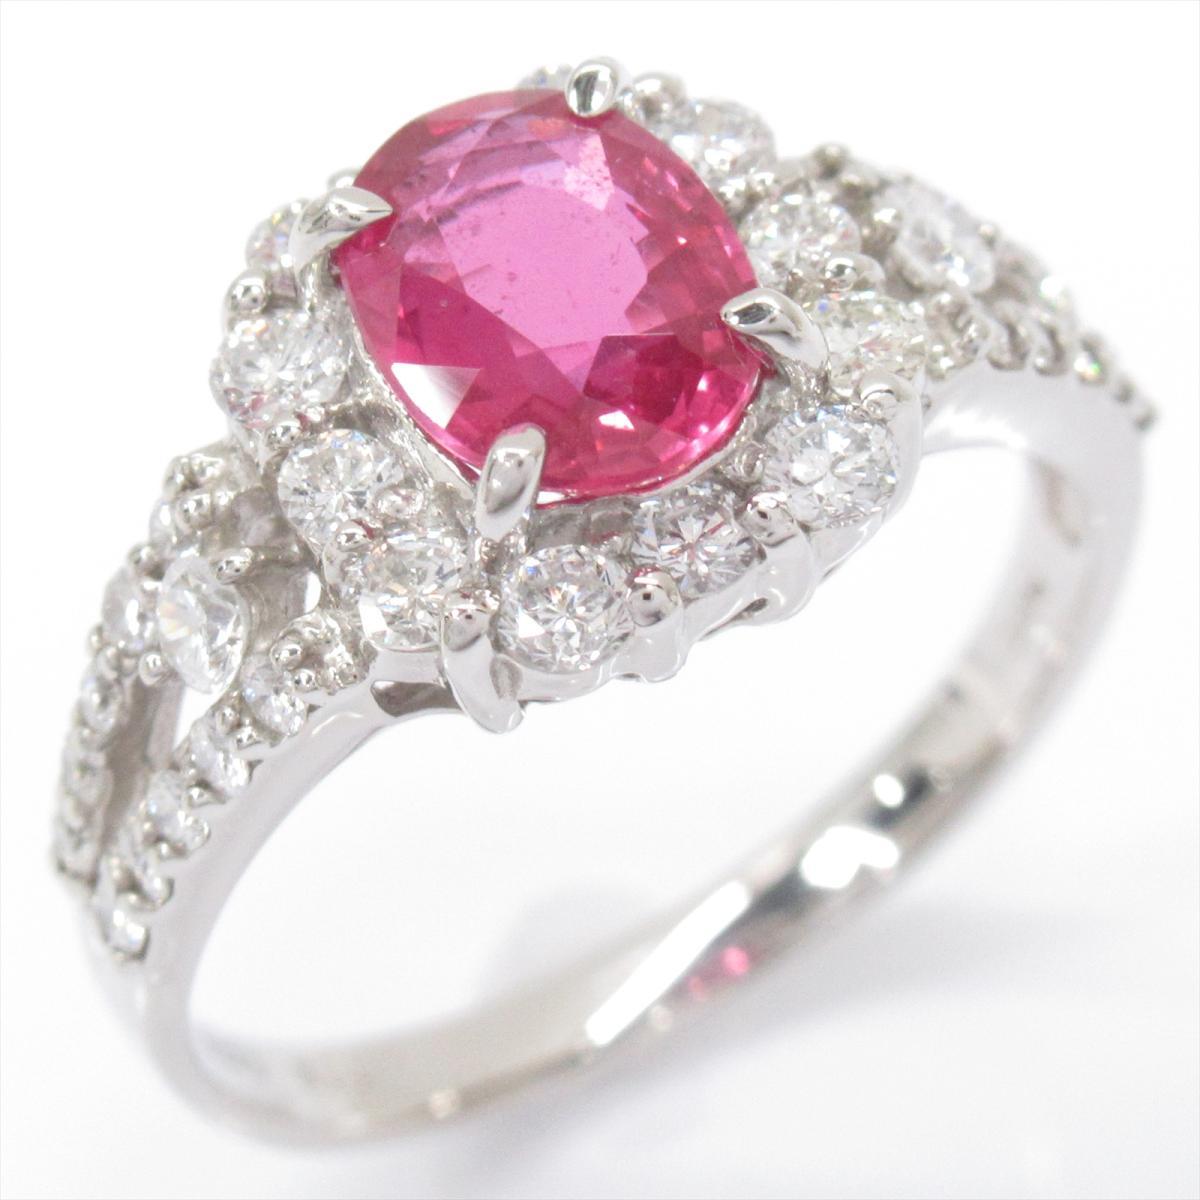 ジュエリー ルビー リング 指輪 ノーブランドジュエリー レディース PT900 プラチナ x (1.12ct) ダイヤモンド (0.623ct) 【中古】 | JEWELRY BRANDOFF ブランドオフ ブランド アクセサリー